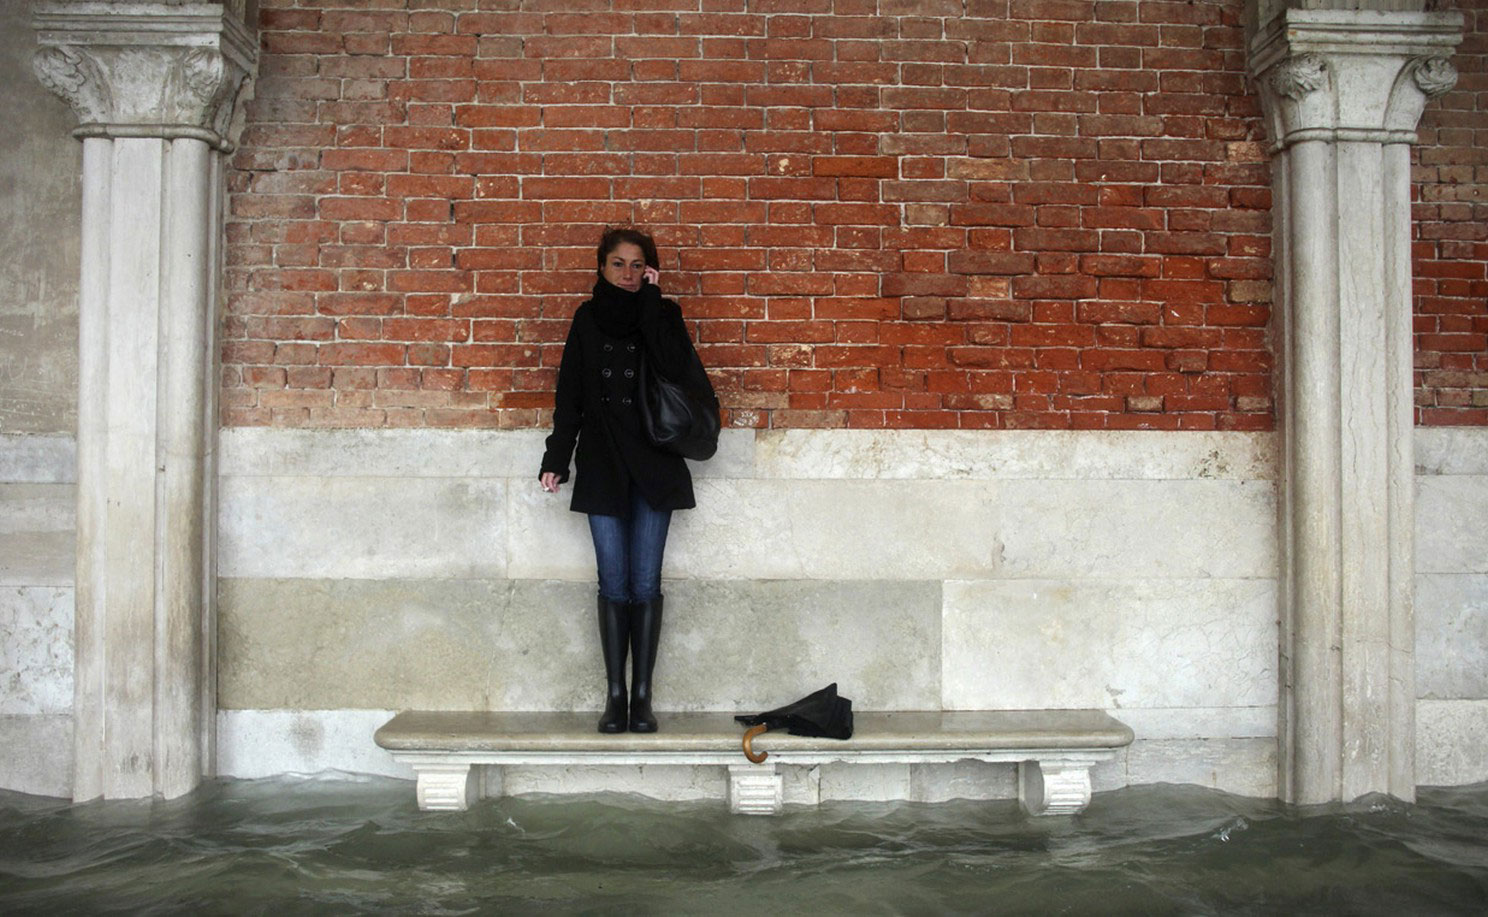 сильное наводнение в Италии